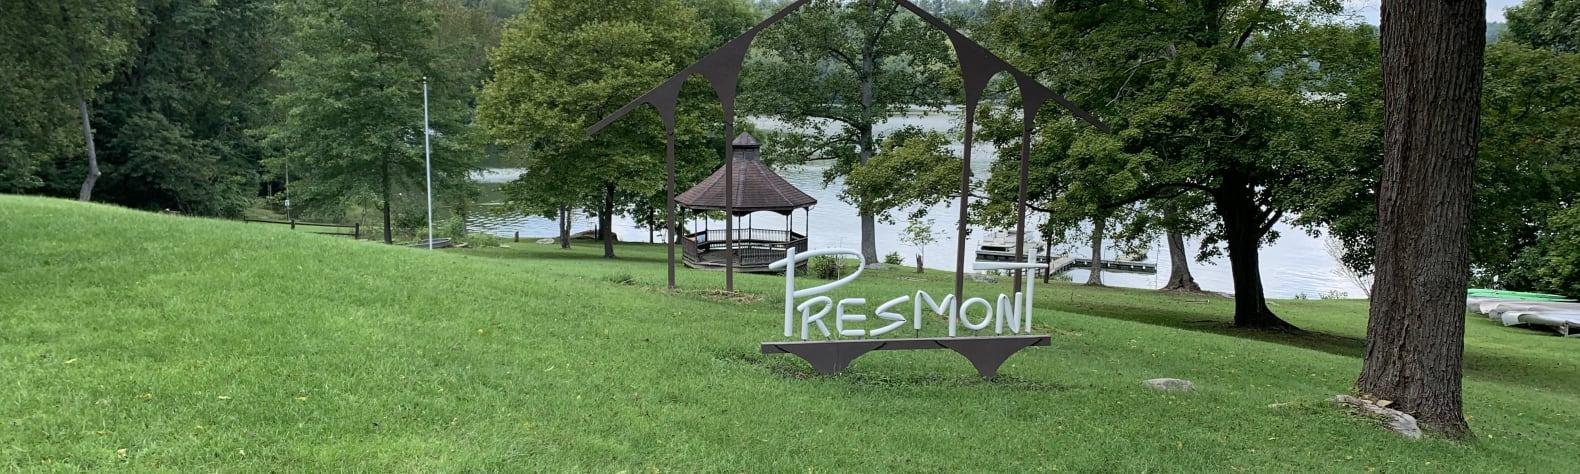 Camp Presmont Camping